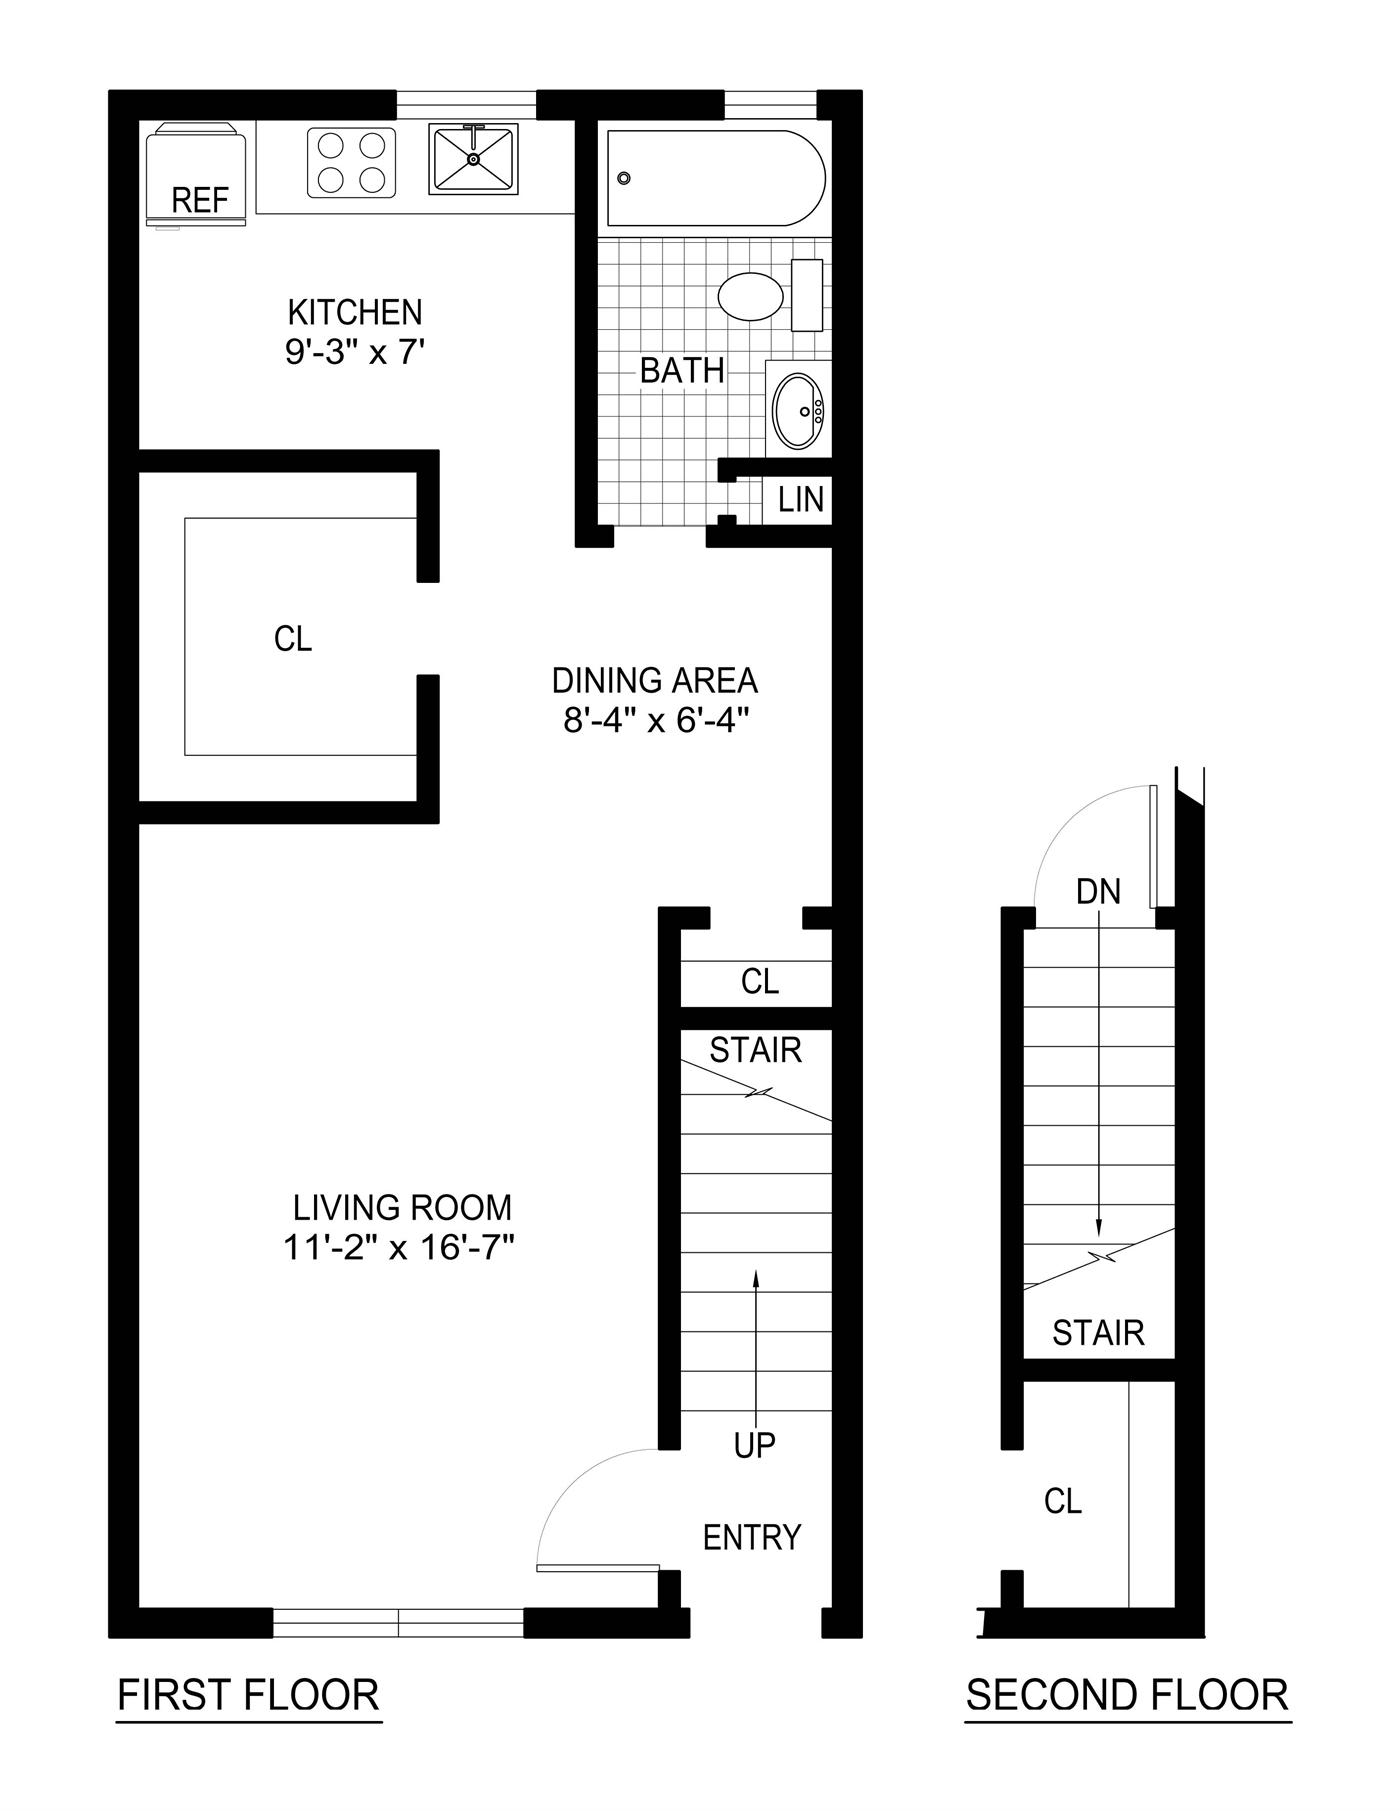 Apartment clipart studio apartment. Simple design philippines nisartmacka